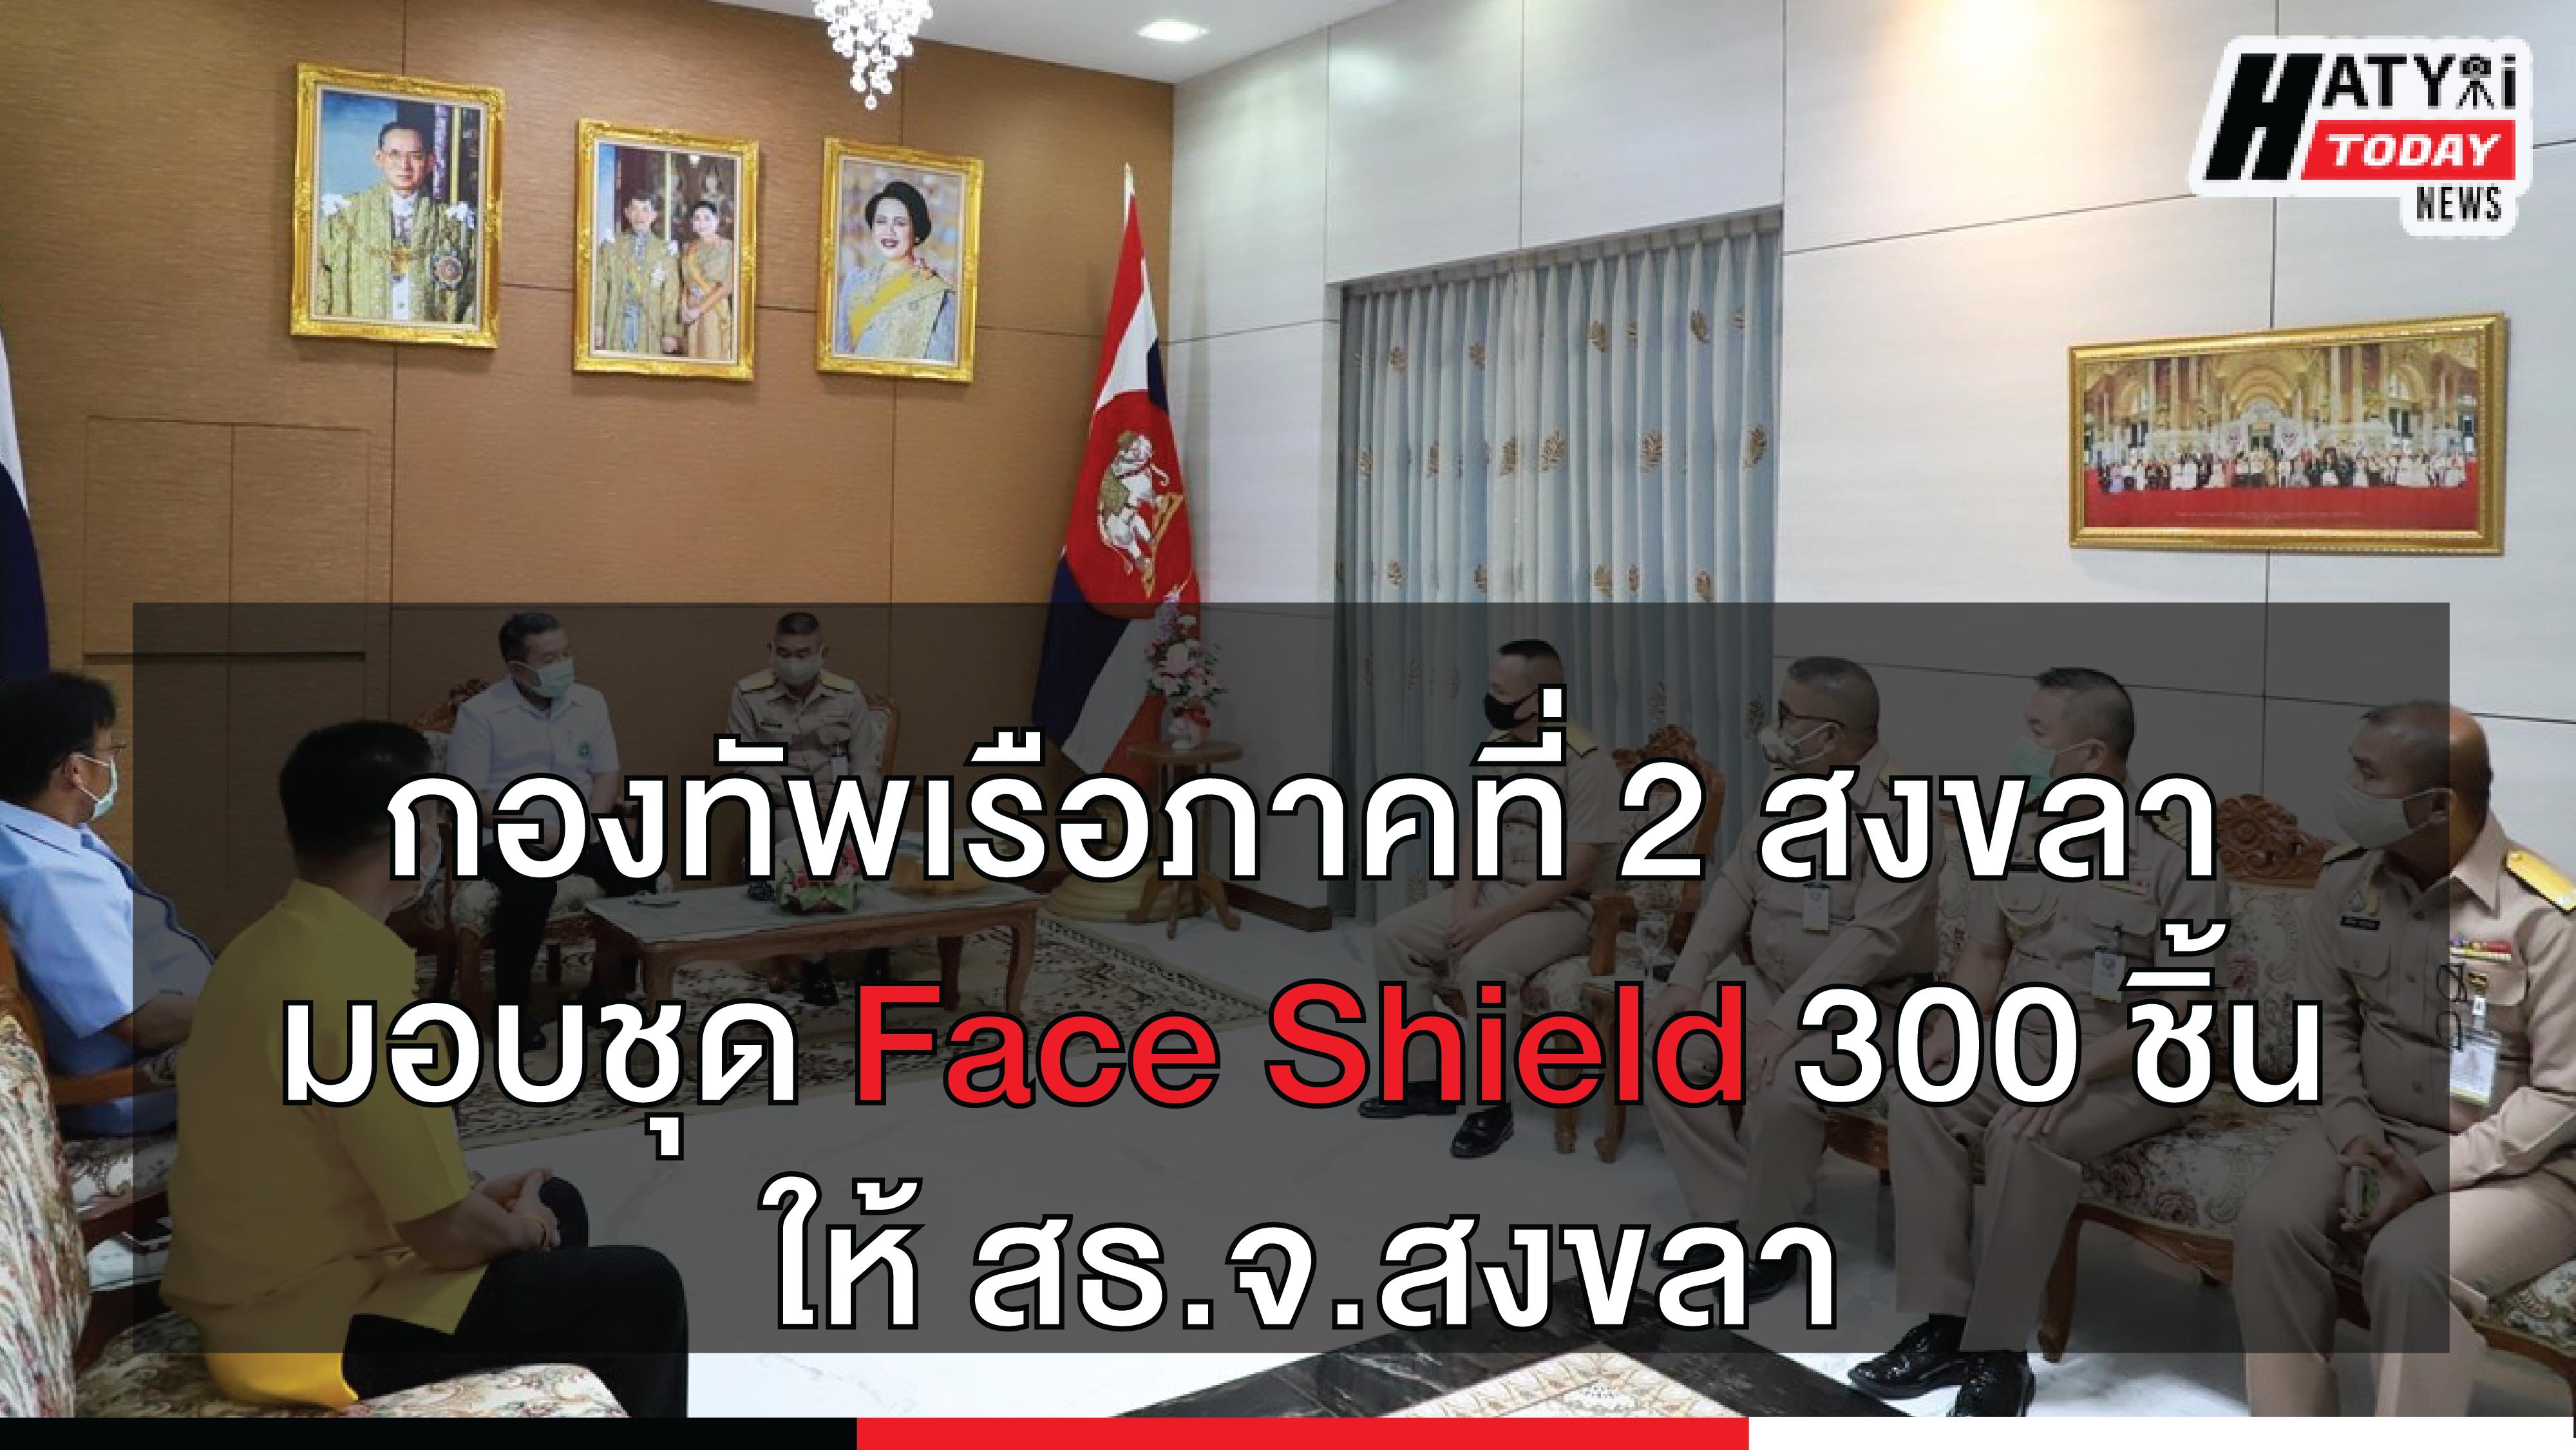 กองทัพเรือภาคที่ 2 สงขลา มอบชุด Face Shield 300 ชิ้น ให้ สธ.จ.สงขลา